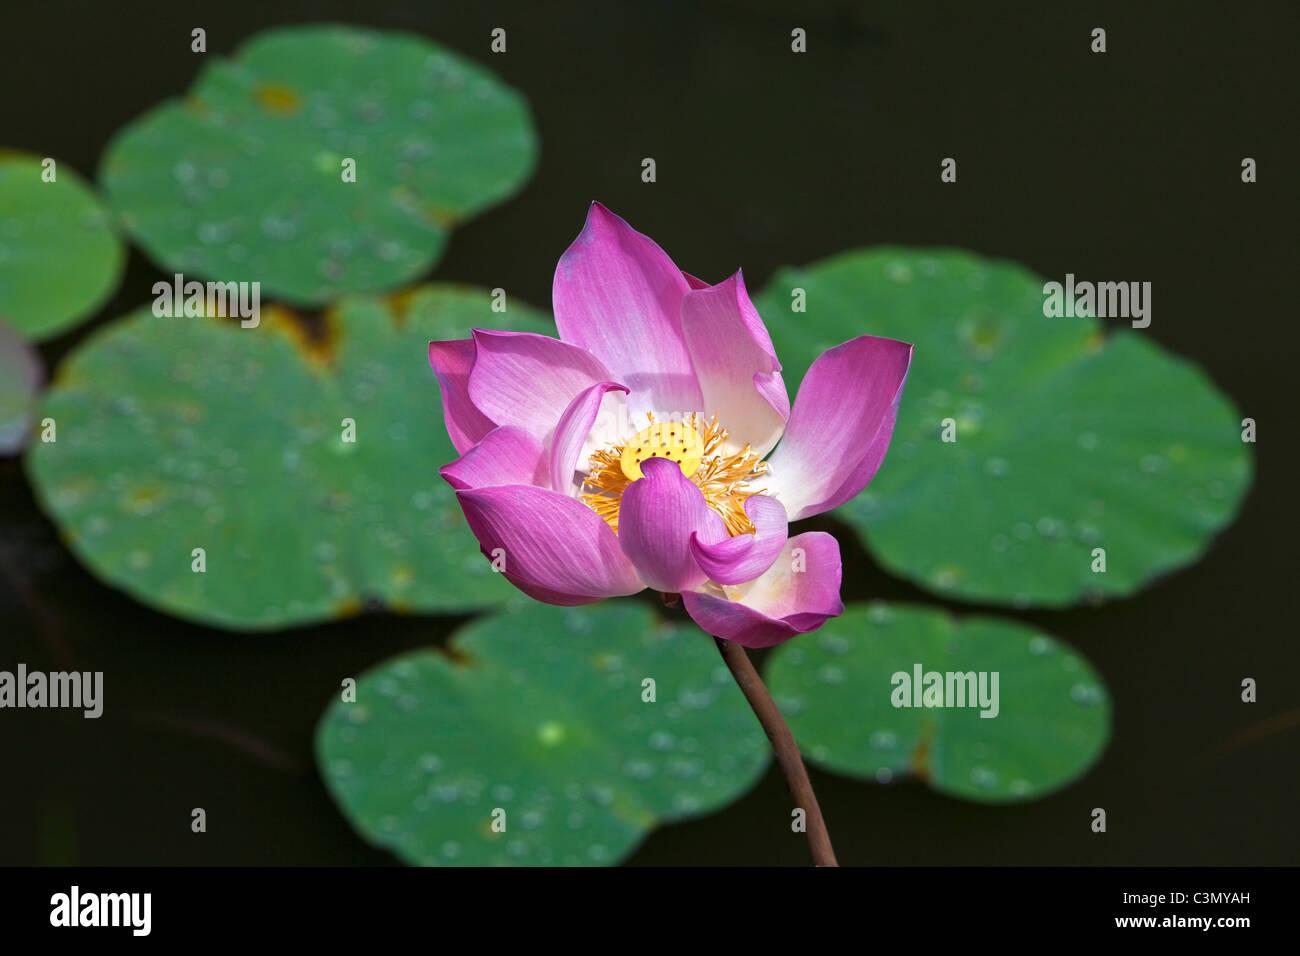 Indonesien, Insel Bali, in der Nähe von Tejakula Dorf, Gaia Oasis Resort. Lotus-Blume. Stockfoto